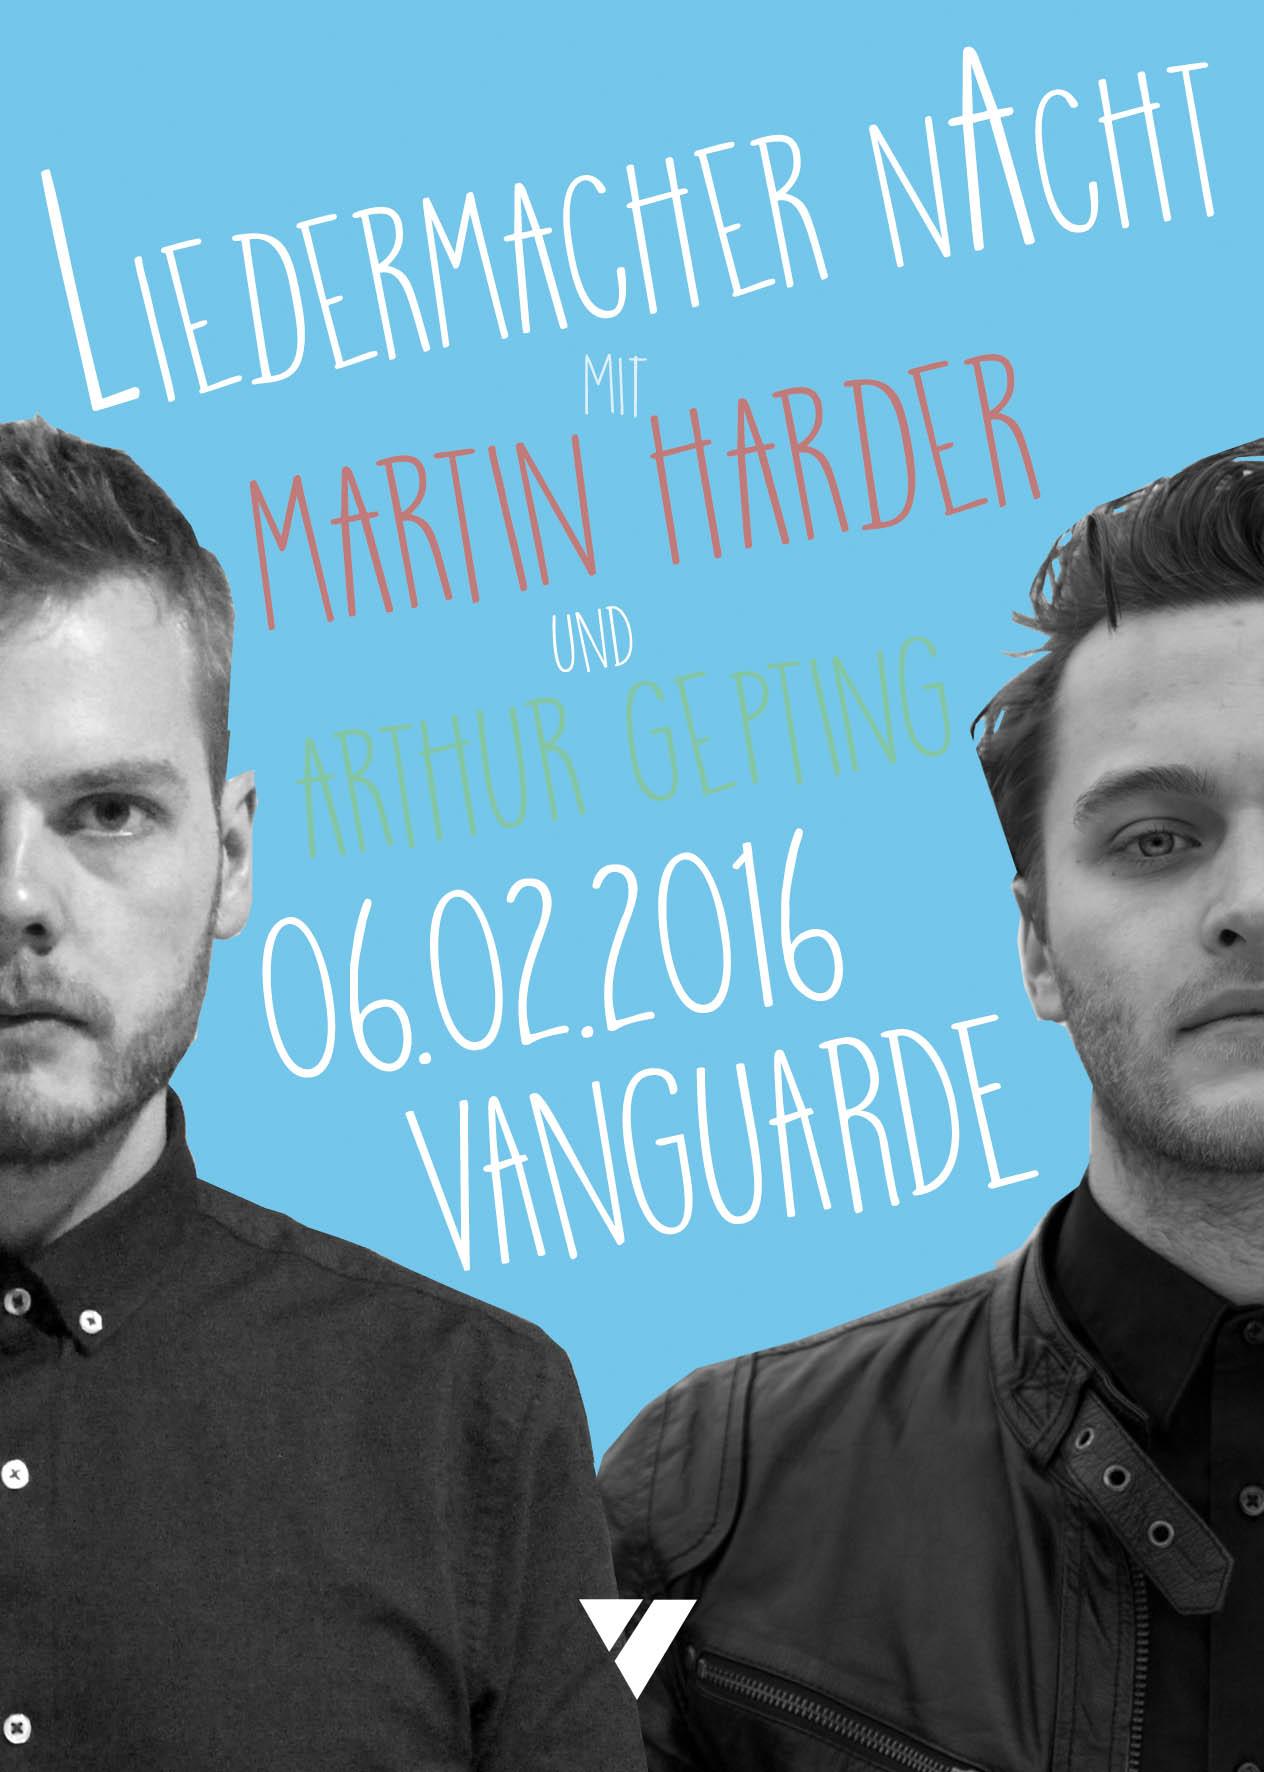 06.02.2016-Liedermacher-Nacht-Webflyer